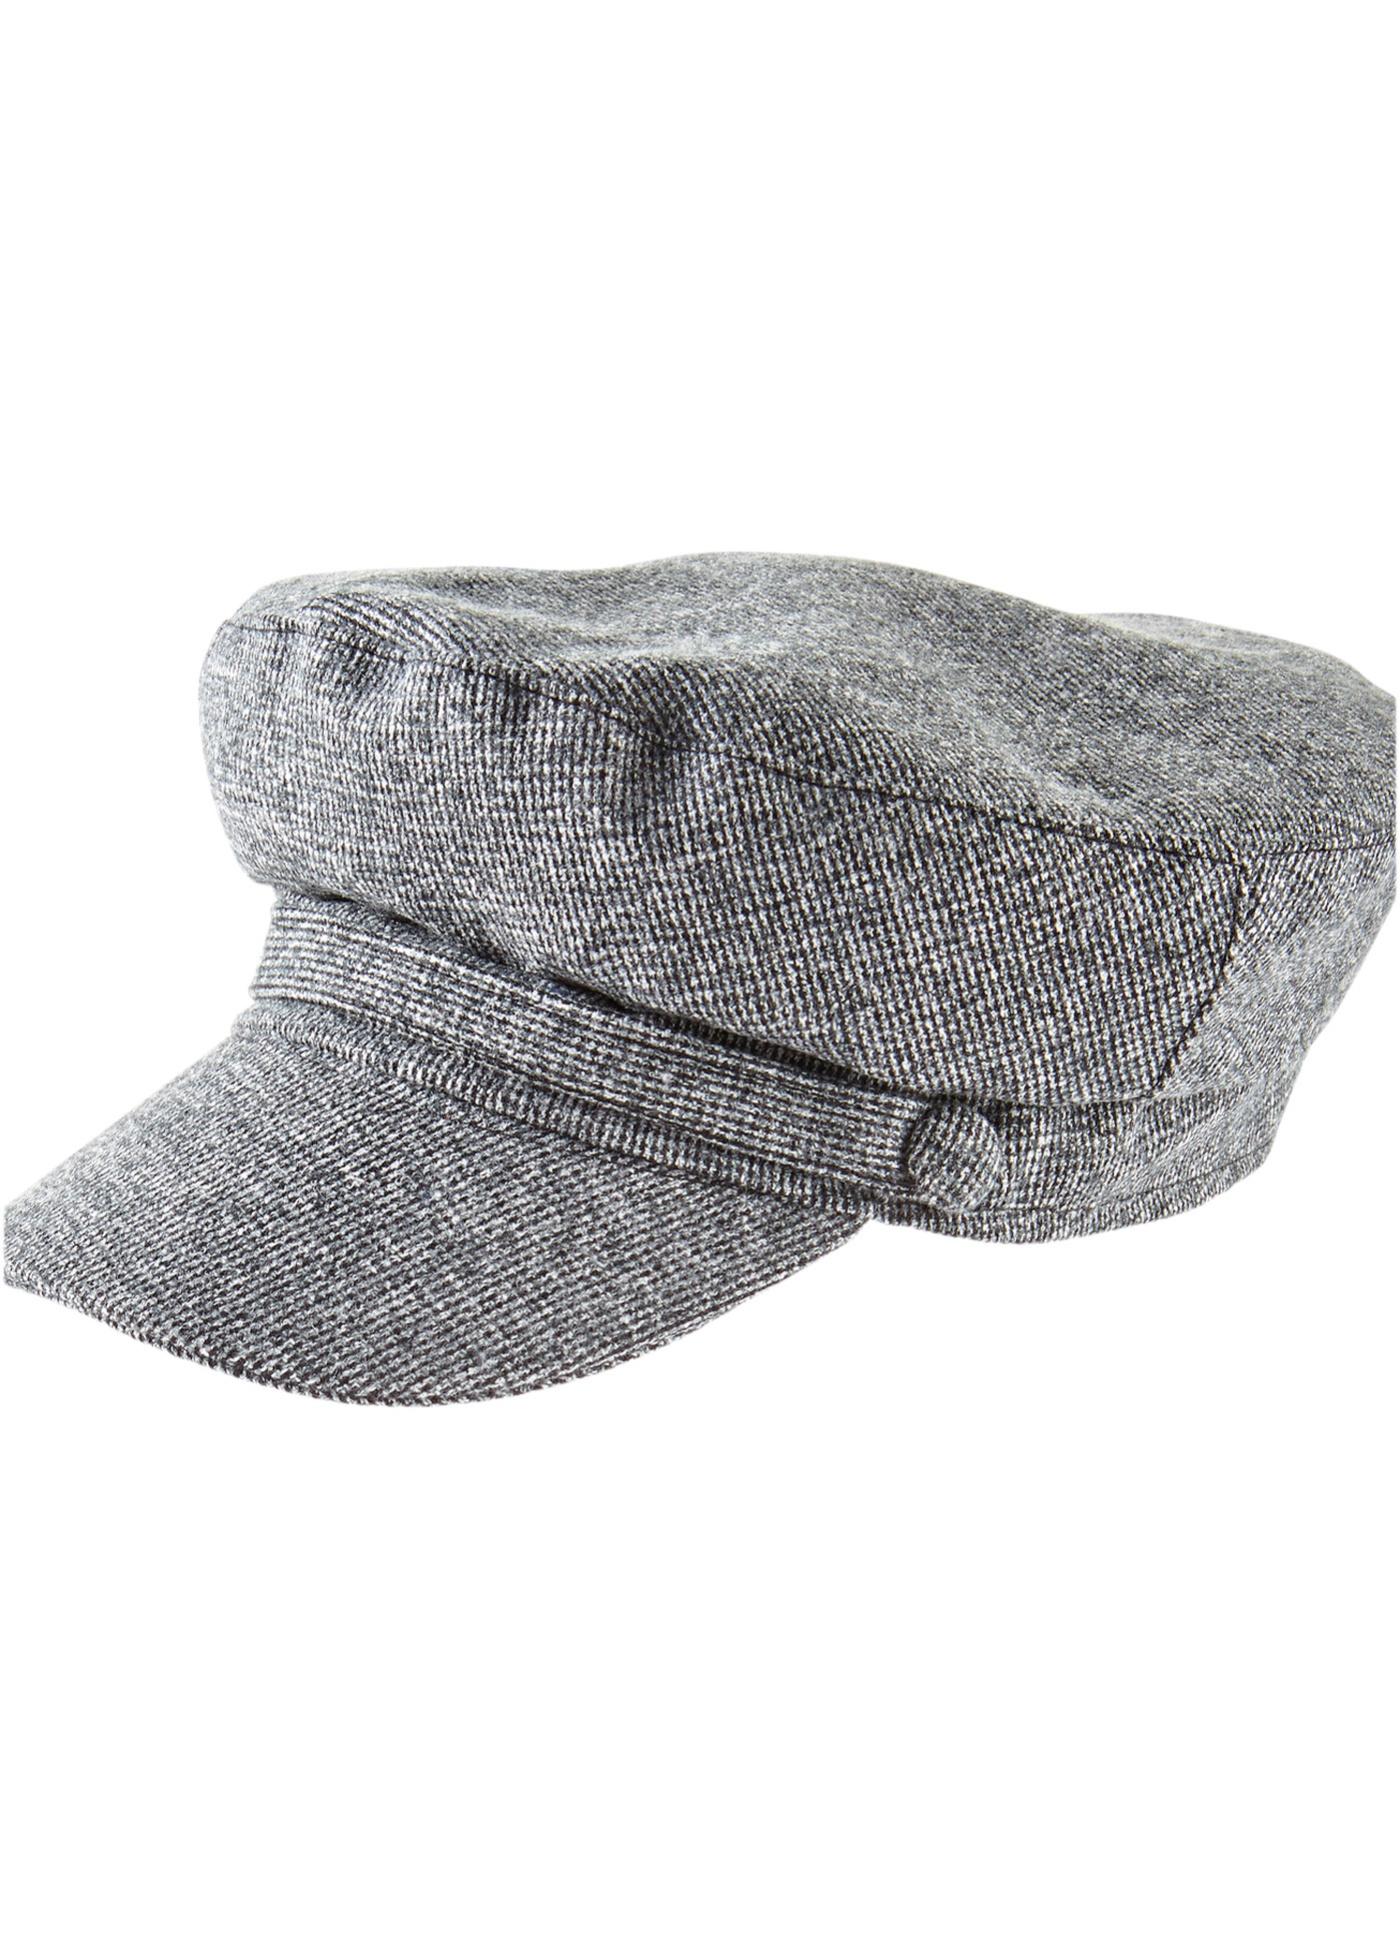 Námořnická čepice - Šedá